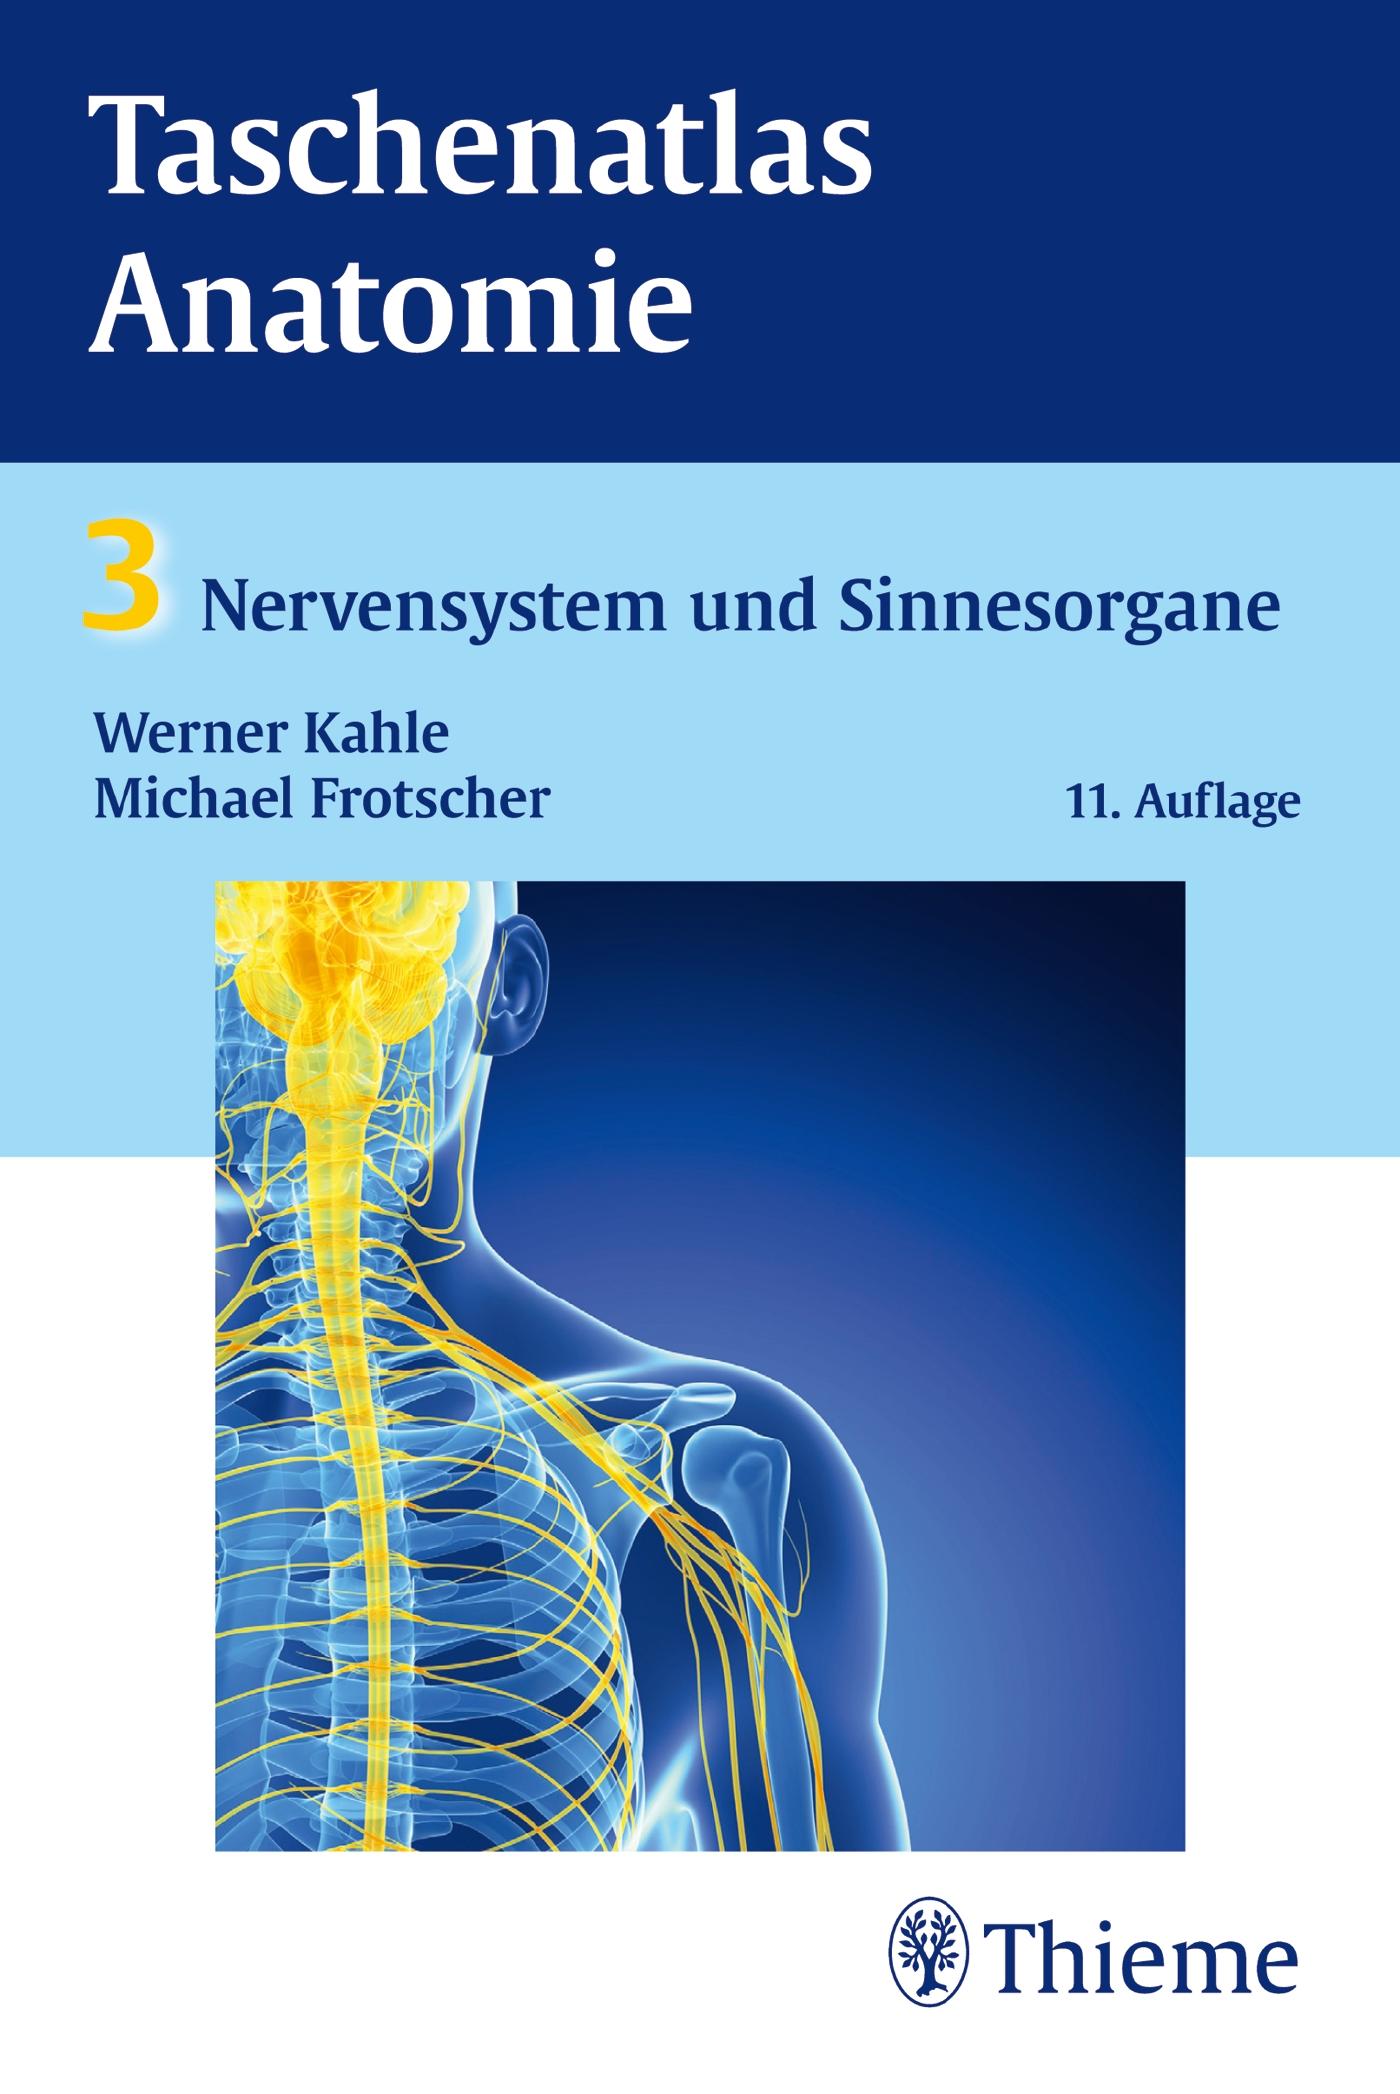 Taschenatlas Anatomie, Band 3: Nervensystem und… von Werner Kahle ...